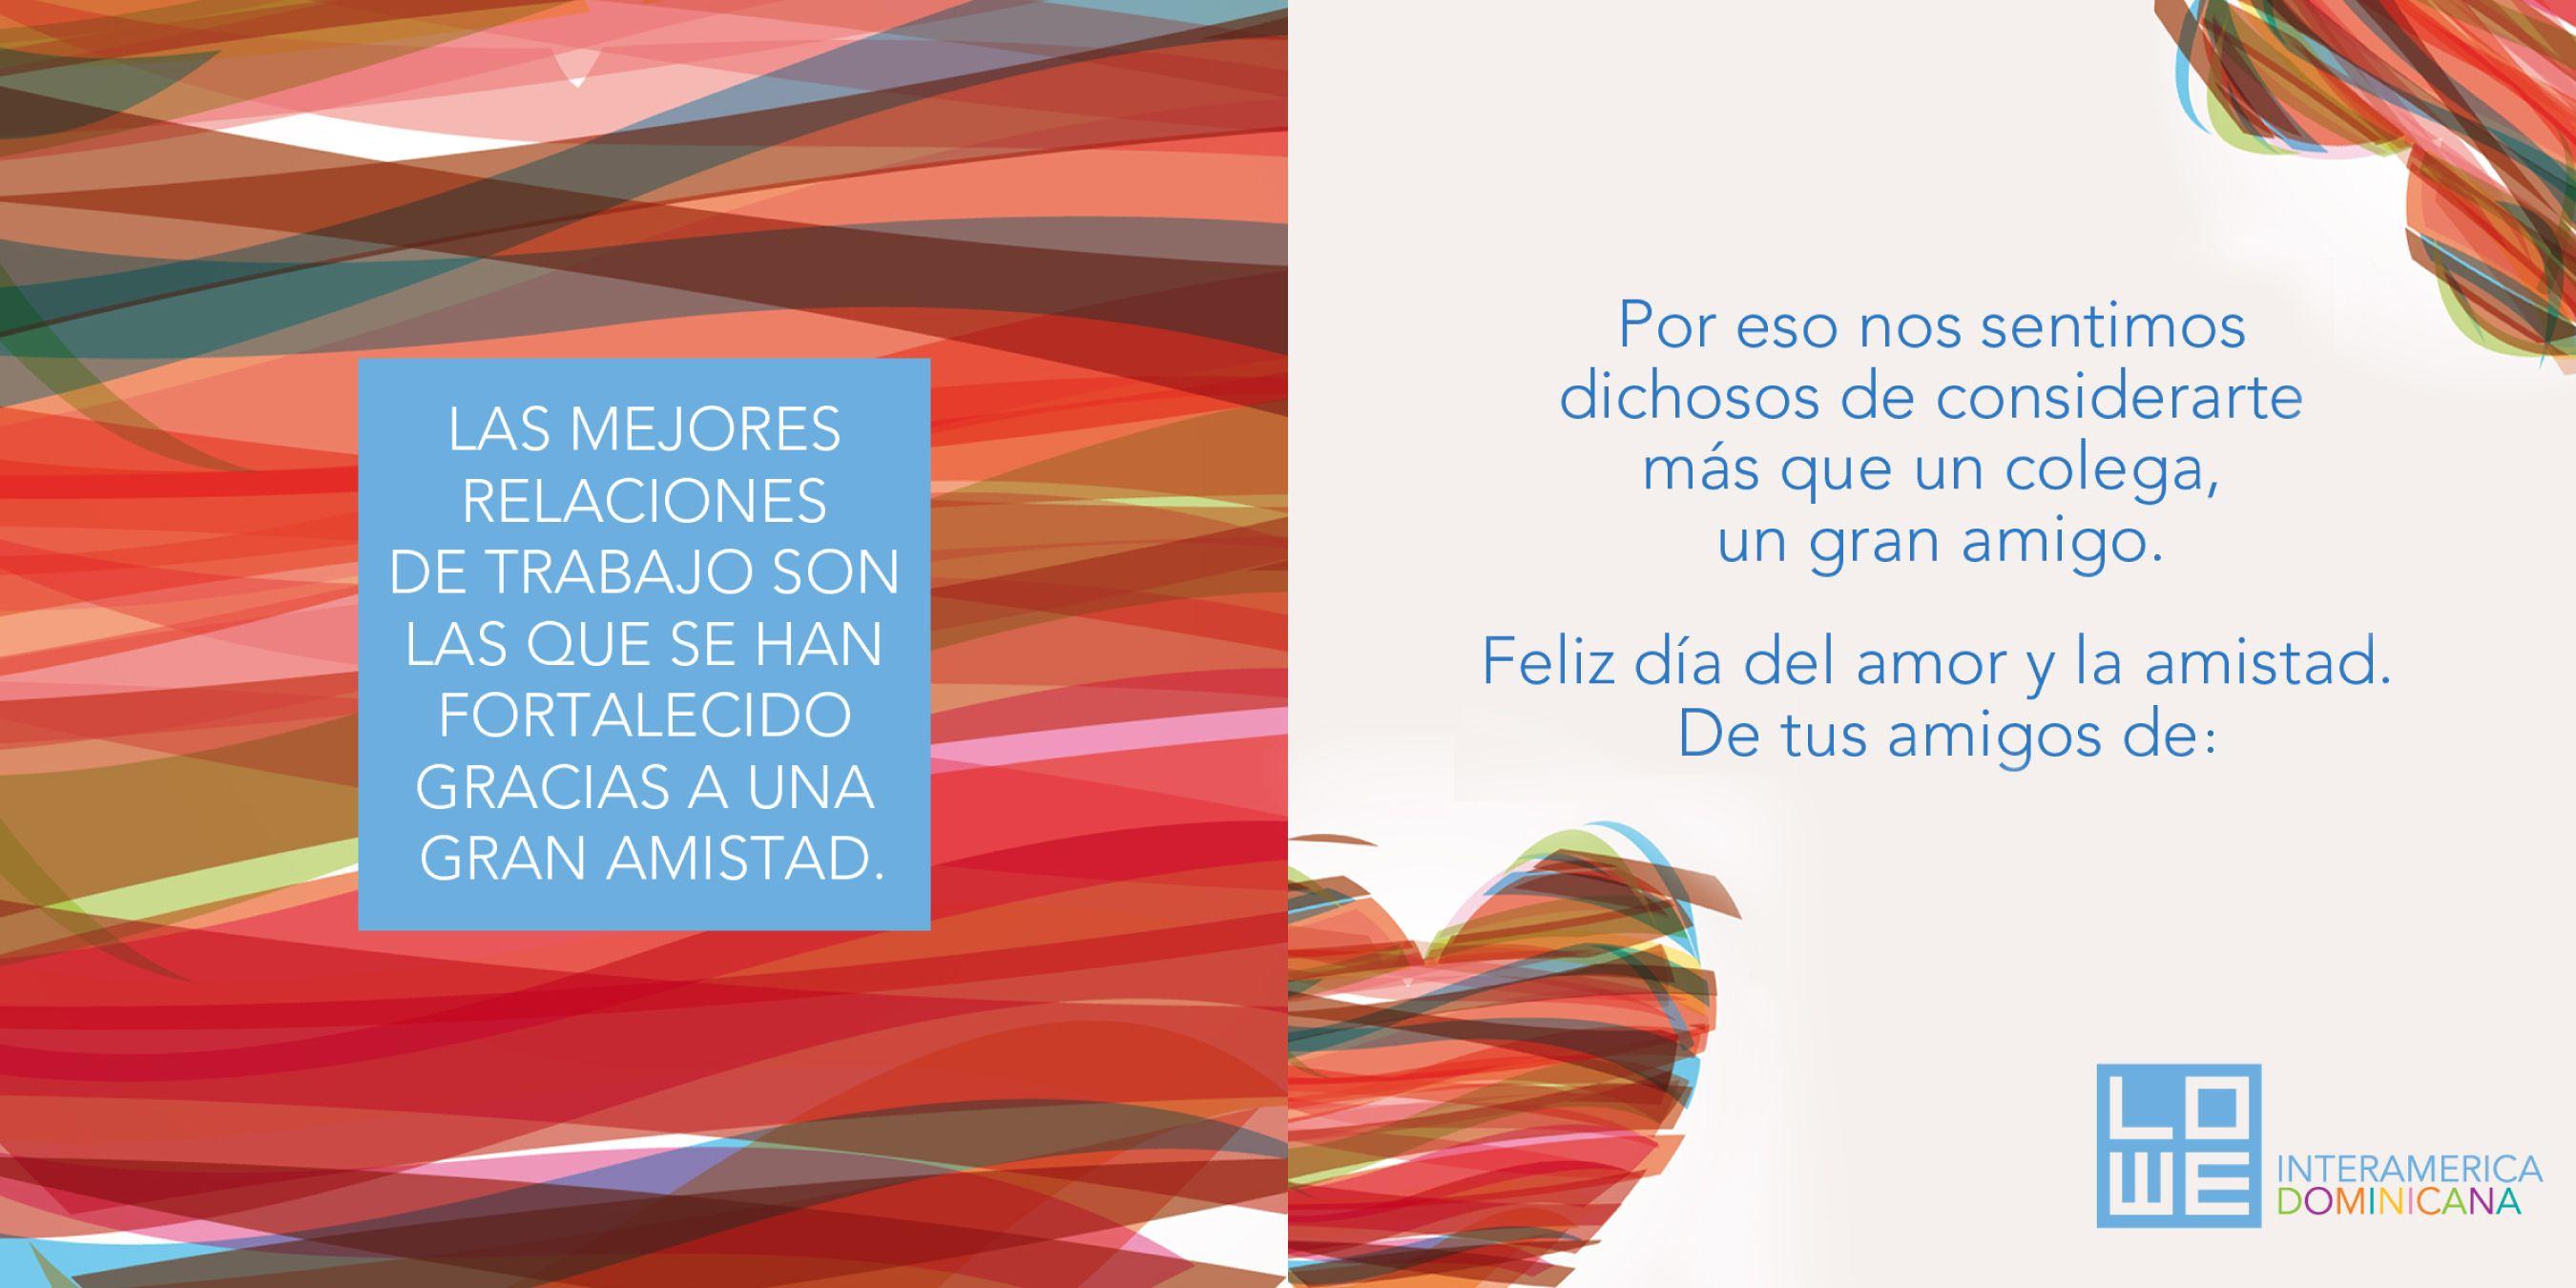 Las mejores relaciones de trabajo son las que se han fortalecido gracias a una amistad. ¡Feliz día del amor y la amistad!